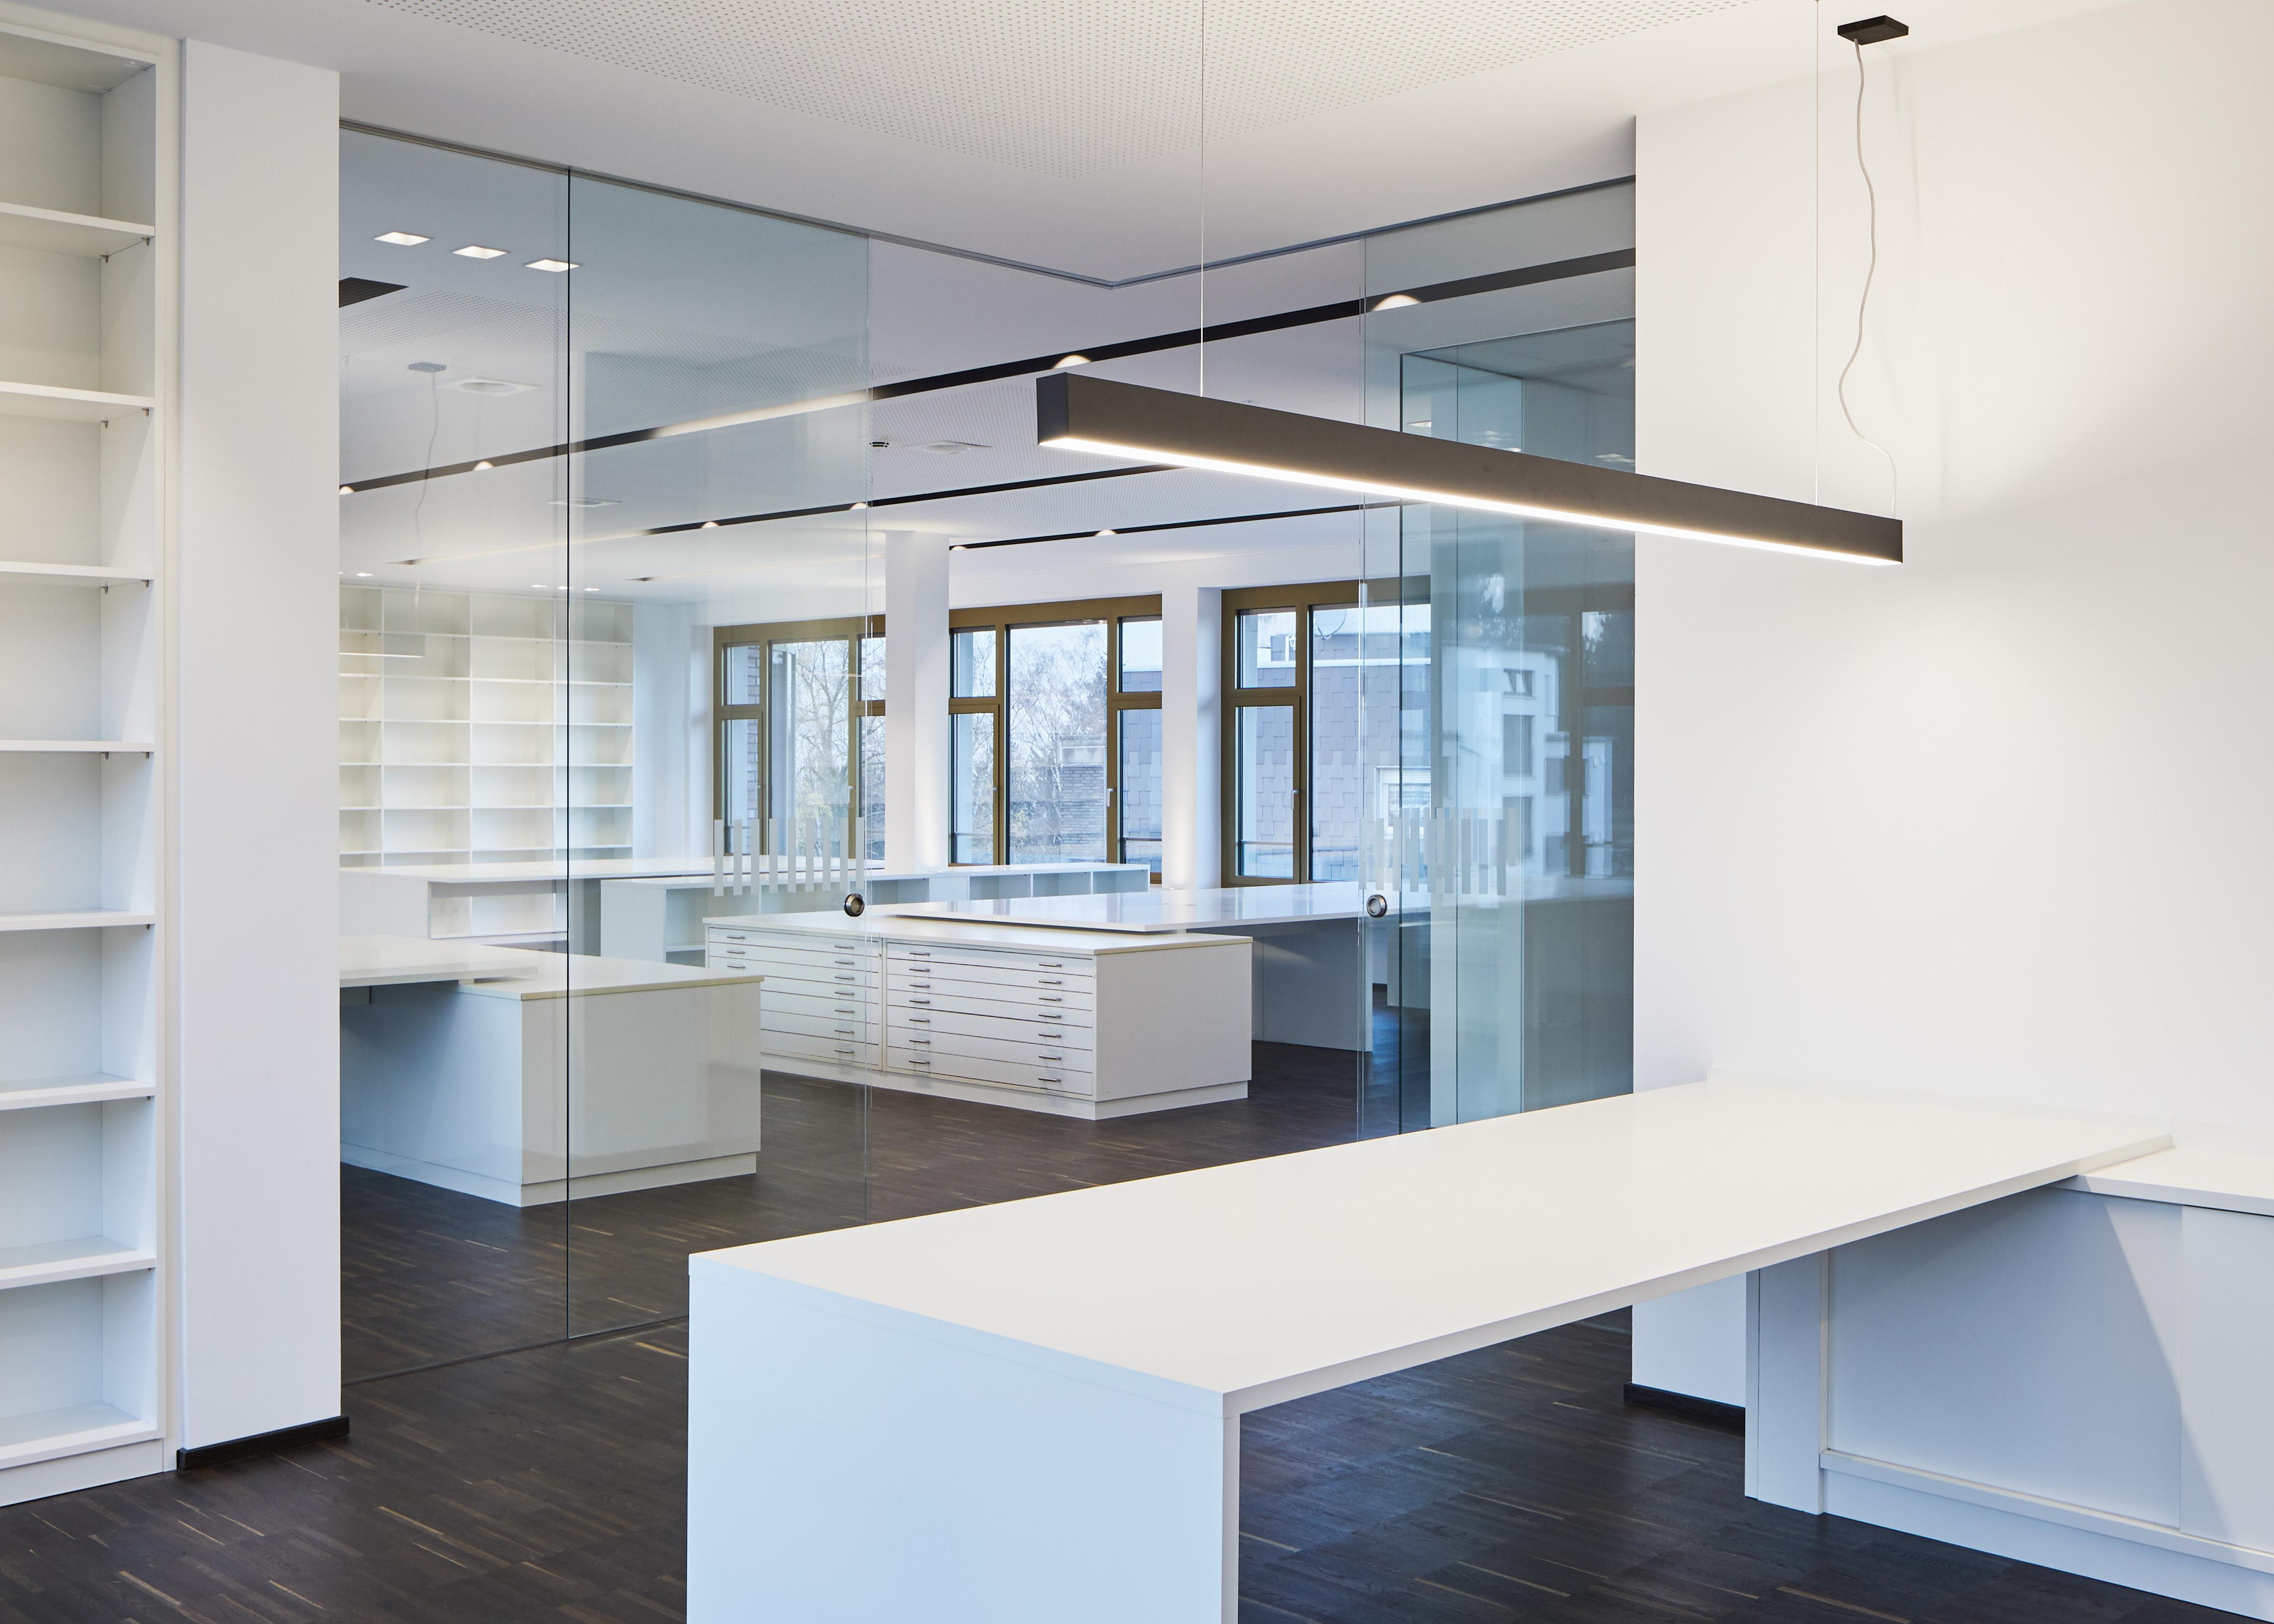 Modernes Büro, Thormählen Bildungshaus, Büro, Großraumbüro